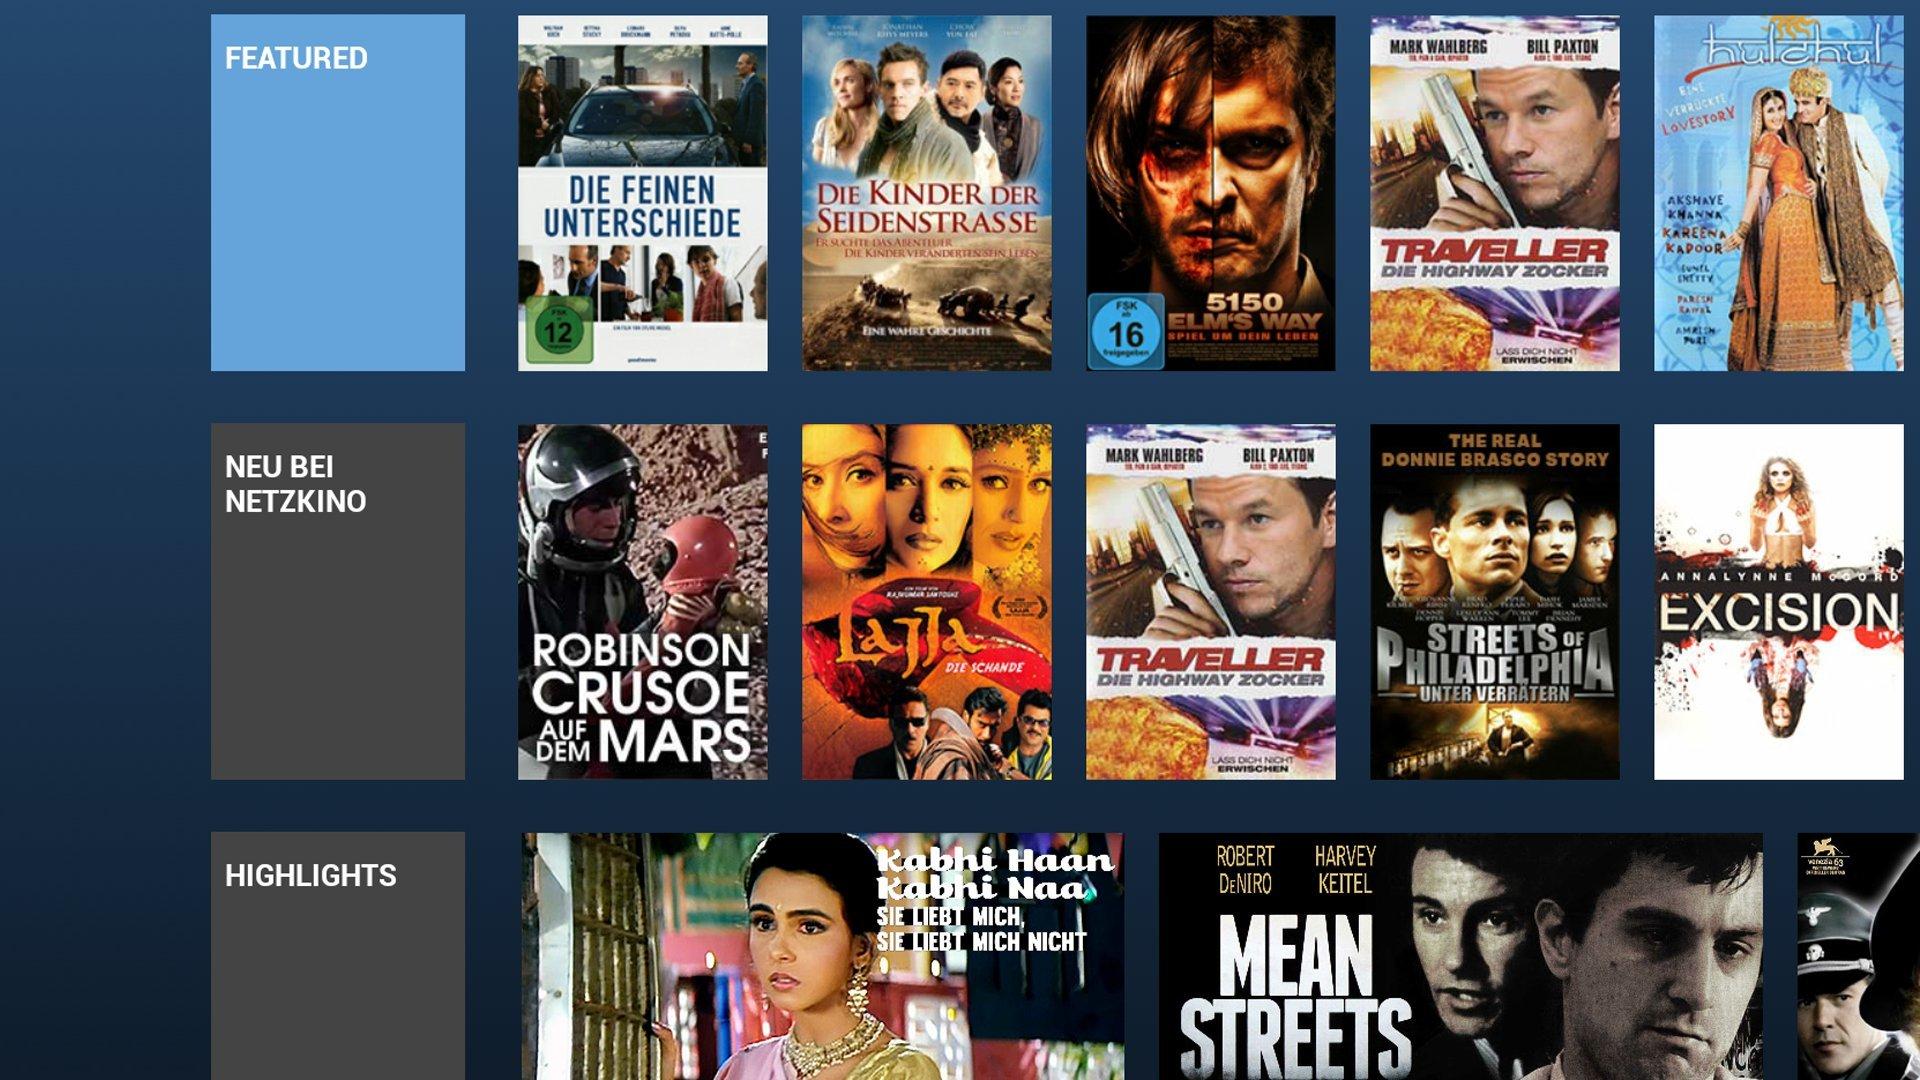 Netzkino, Filme, Movies, Videos, TV - legal und kostenlos Spielfilme schauen - 2